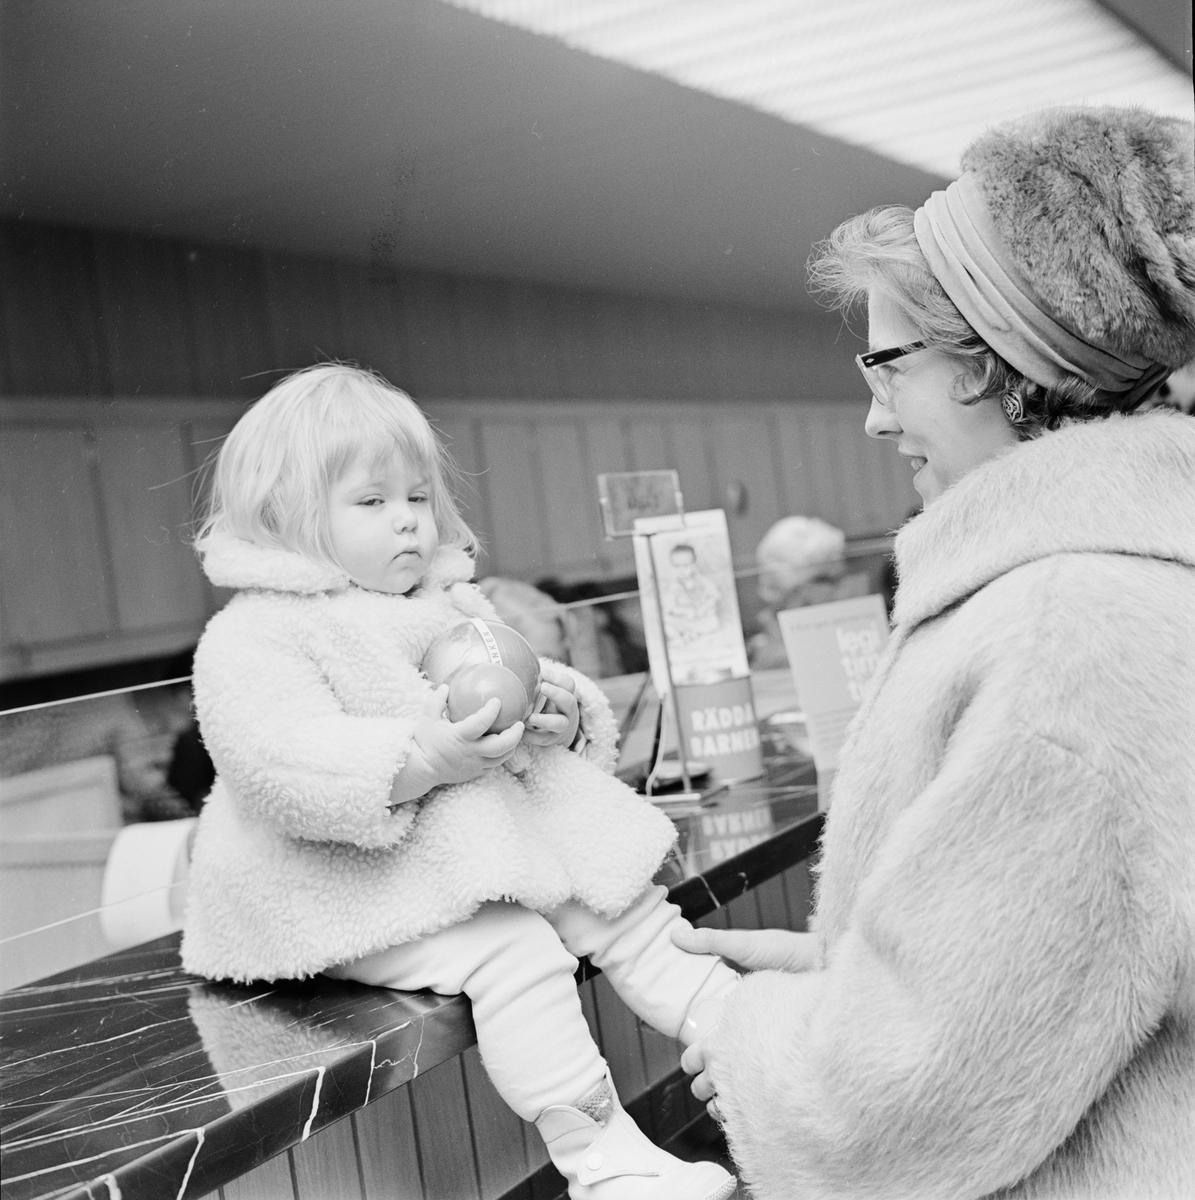 """Skandinaviska banken - """"invigning av nya banken Kungsängsgatan 7"""", Uppsala december 1962"""